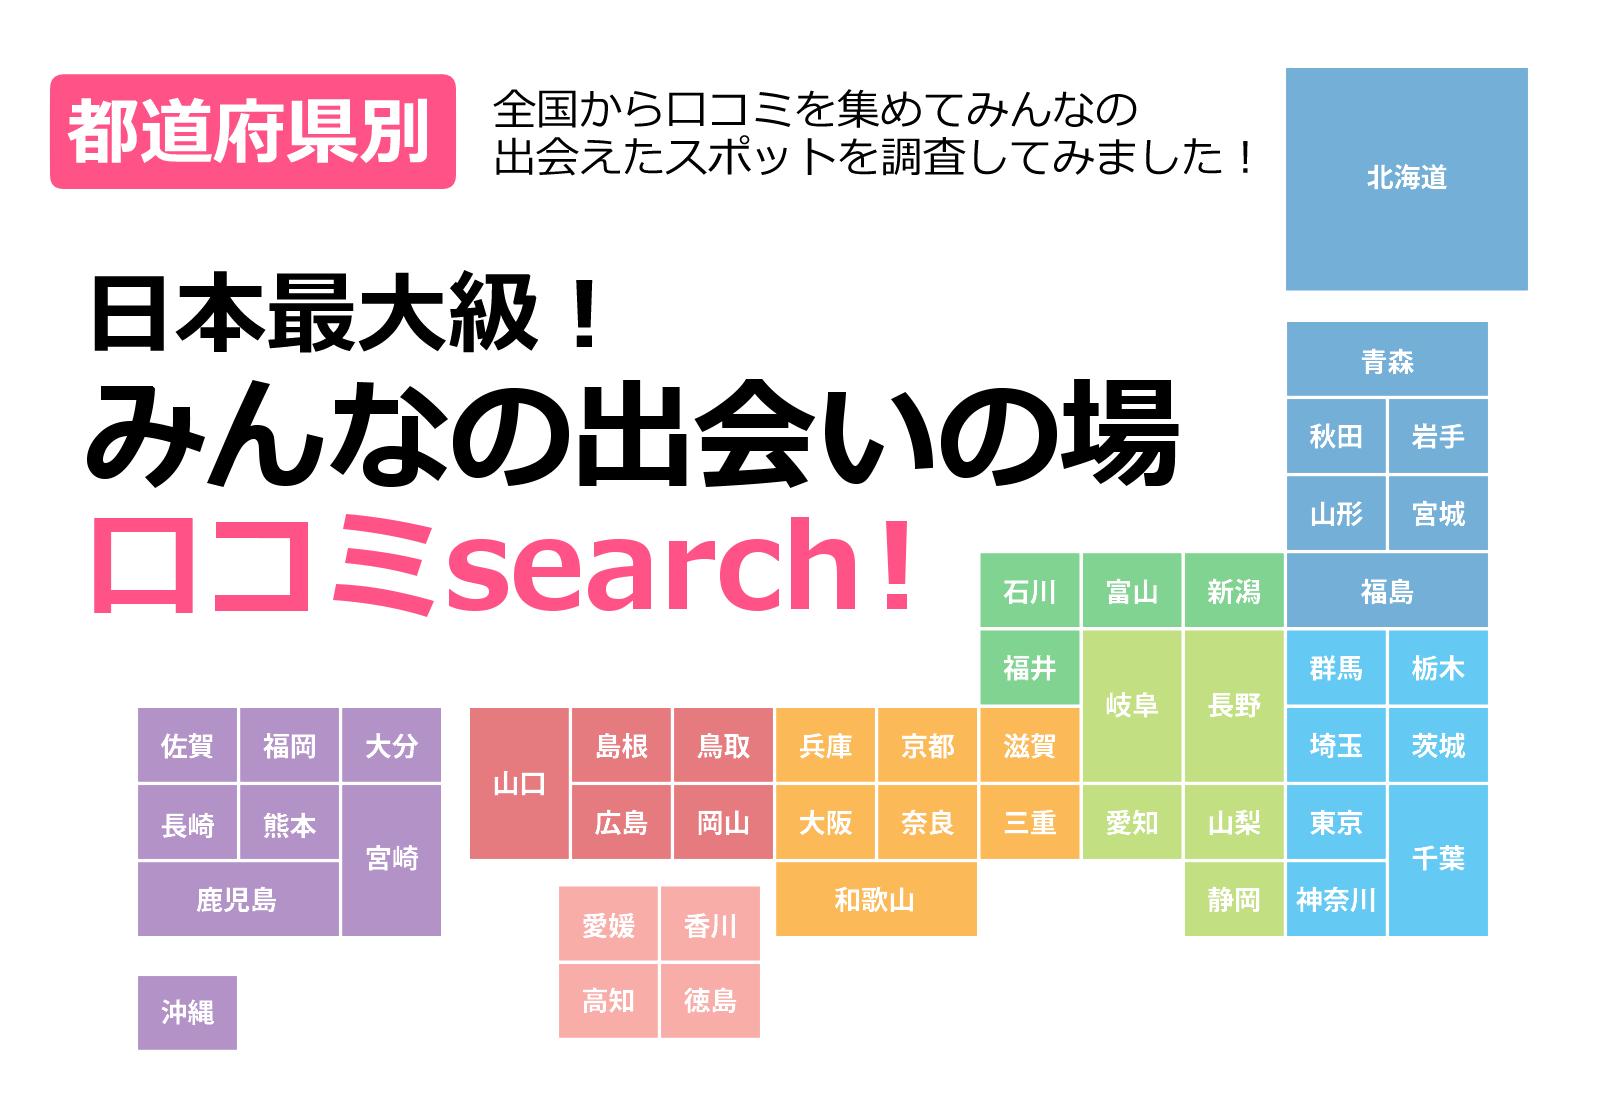 都道府県出会いの場サーチ